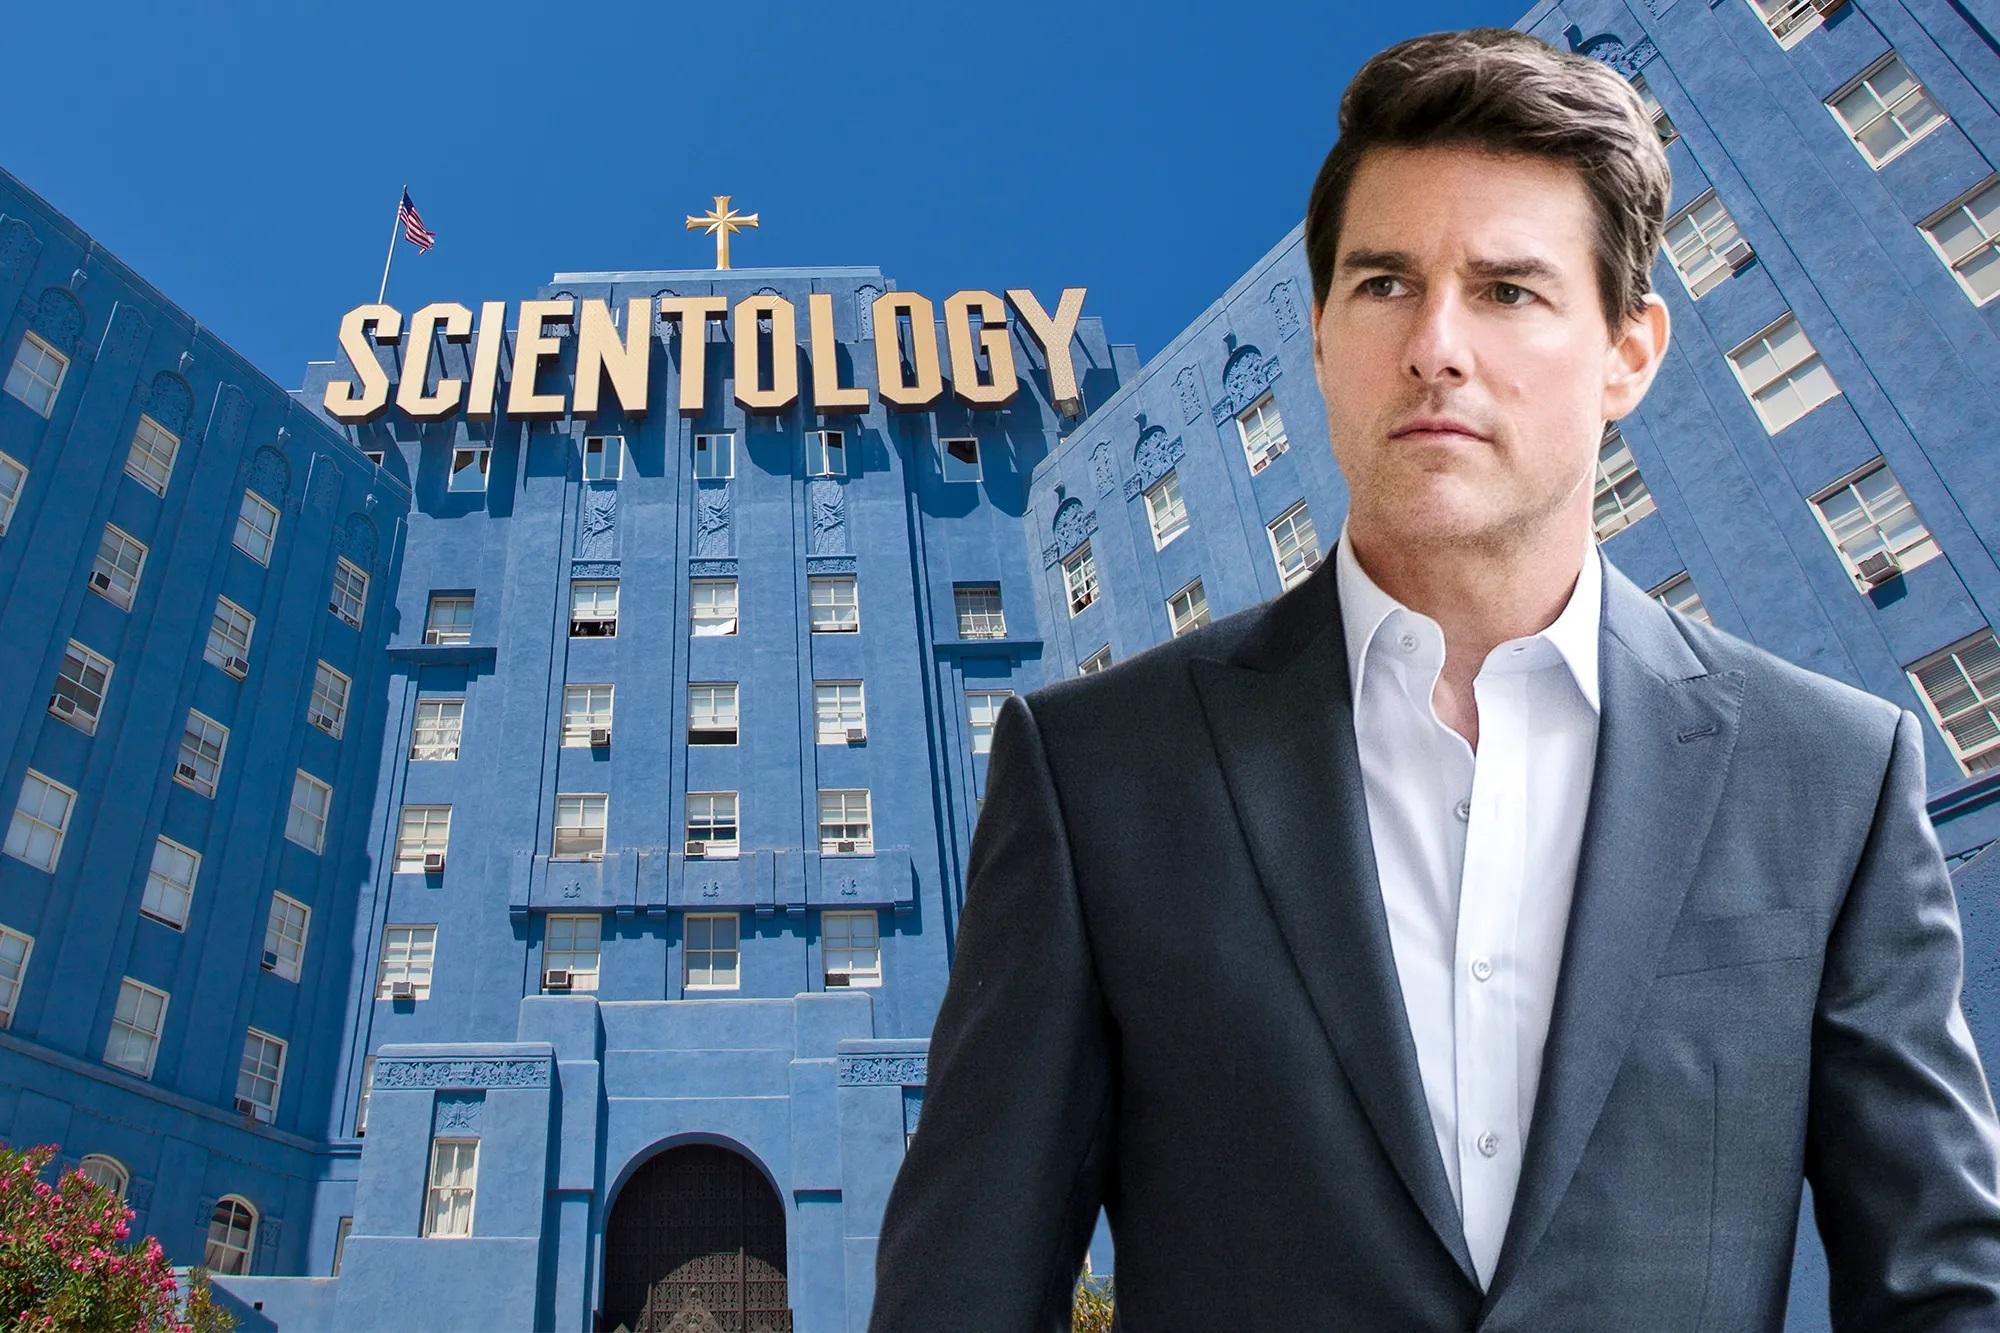 Deretan Fakta Menarik Tentang Agama Baru Scientology